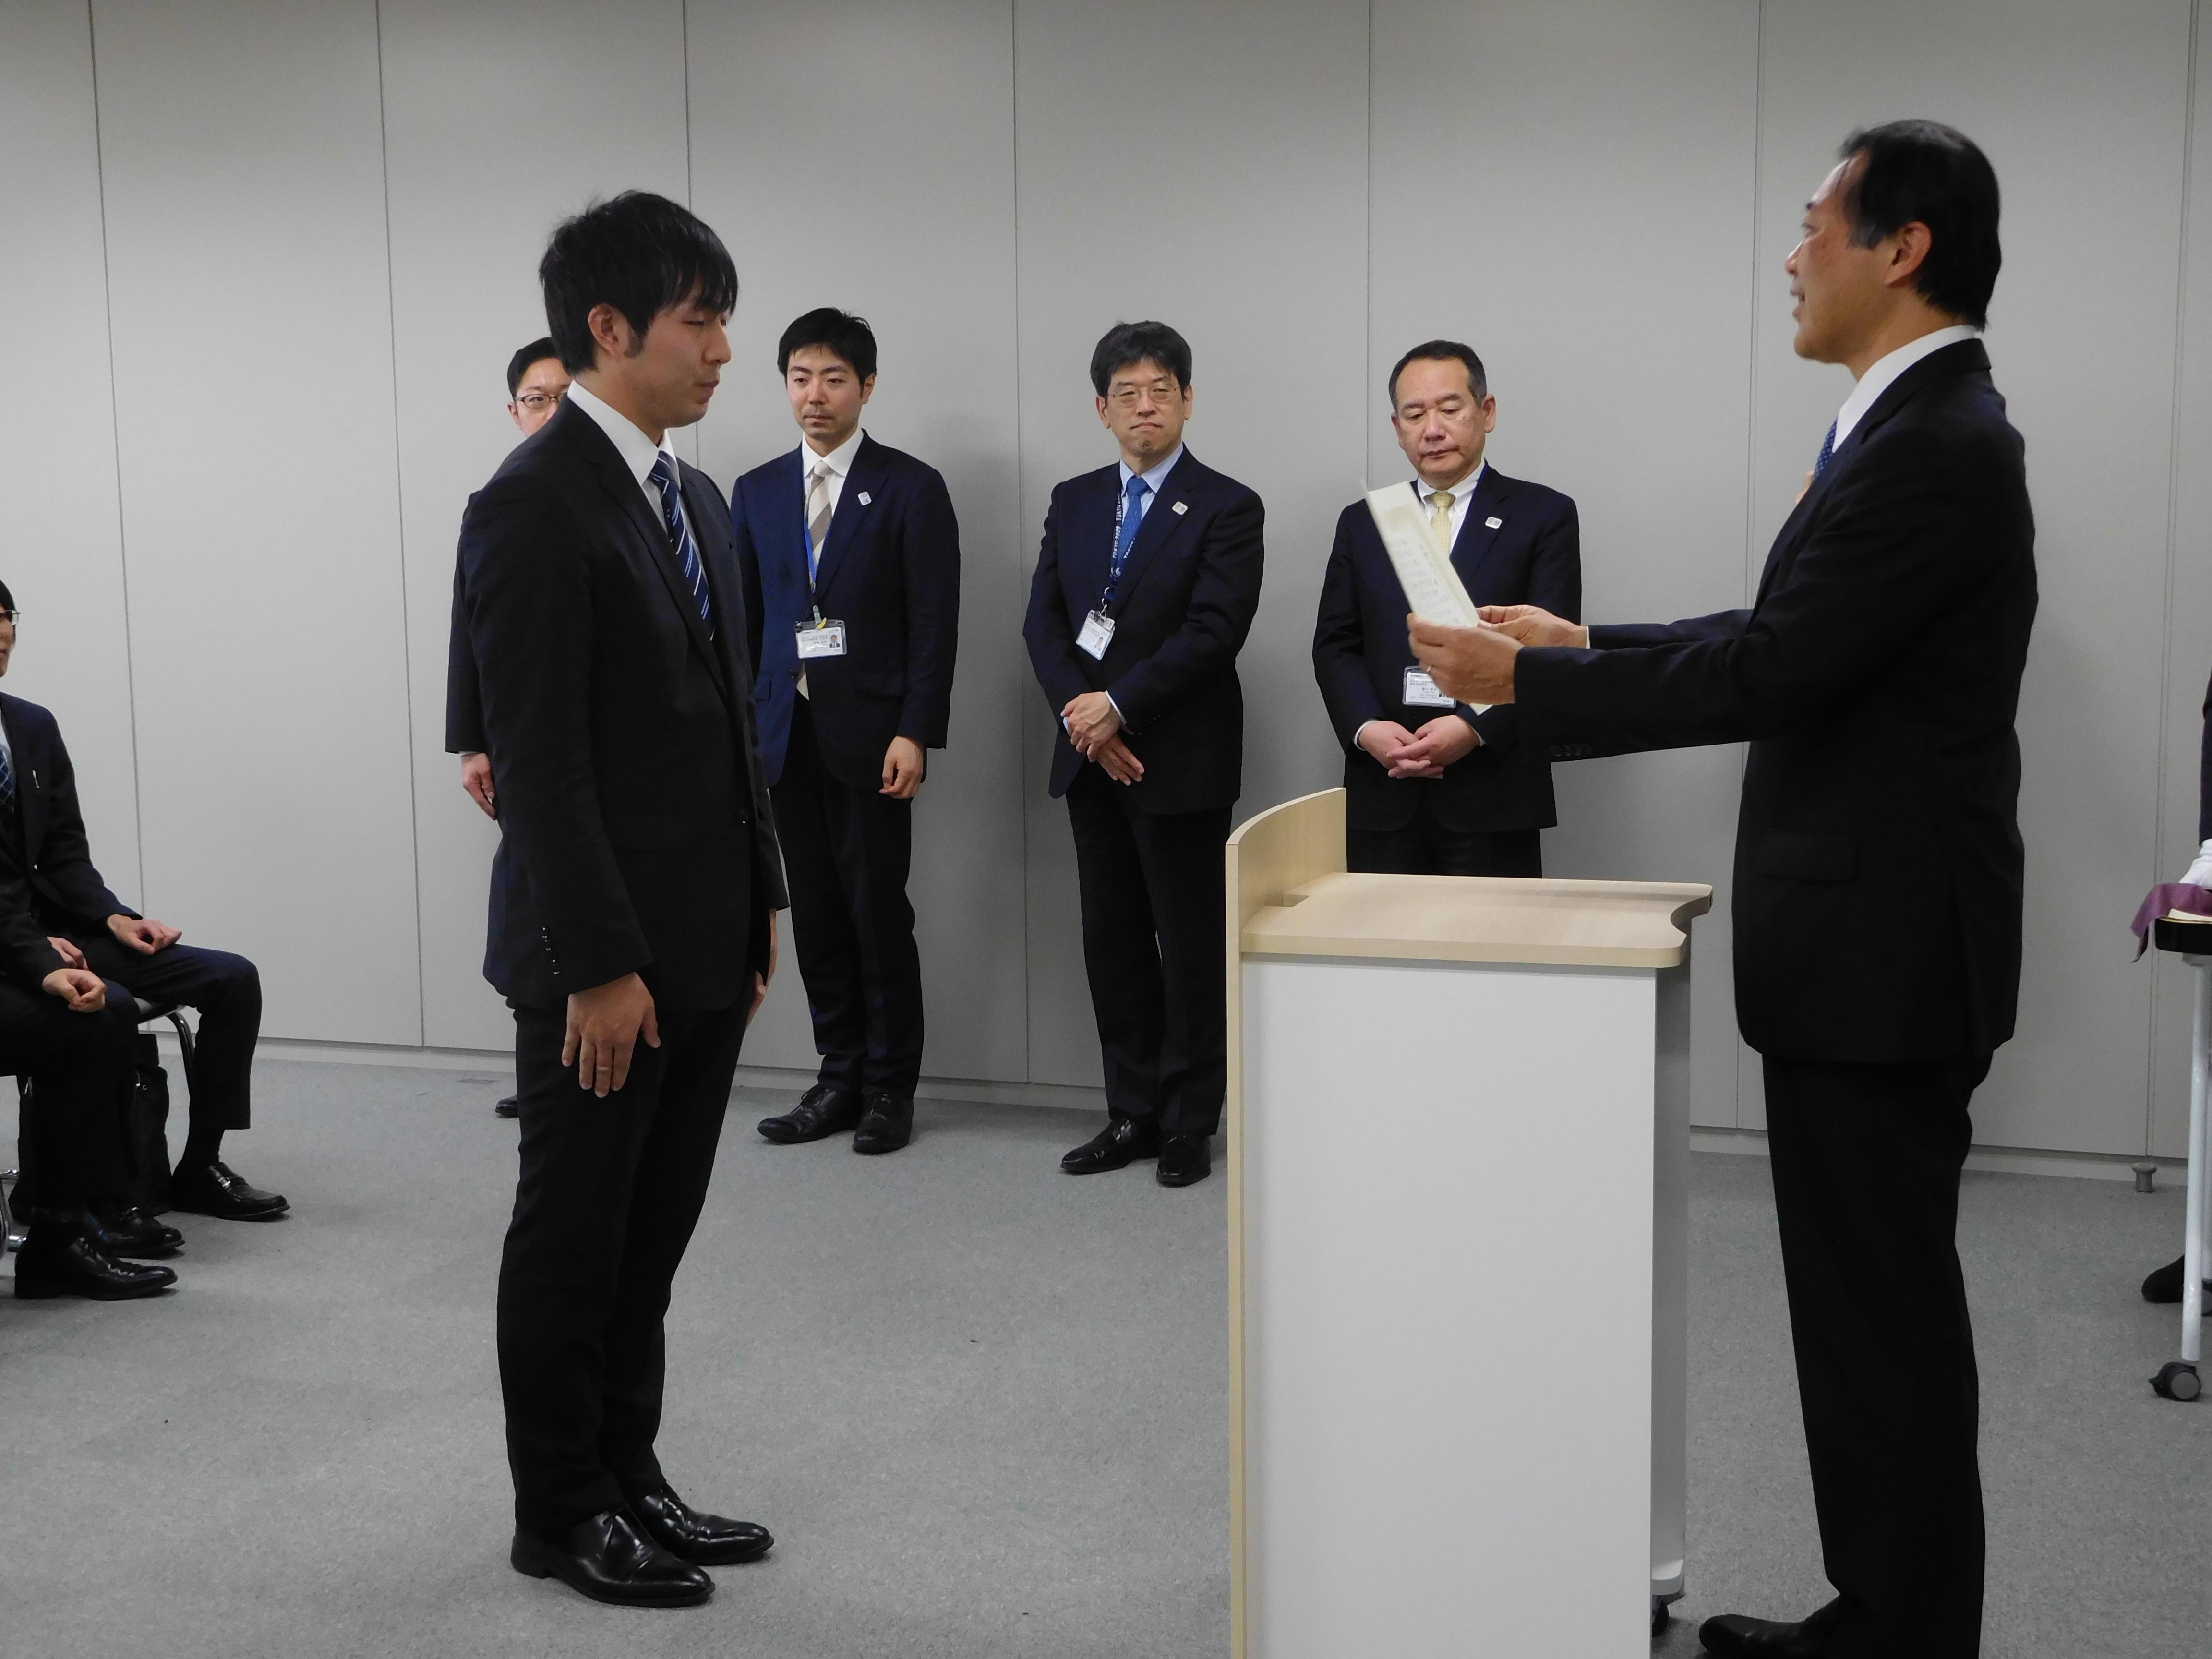 江戸川大学メディアコミュニケーション学部情報文化学科の学生に東京都青少年・治安対策本部から感謝状 -- ファシリテーターとしての活動が評価